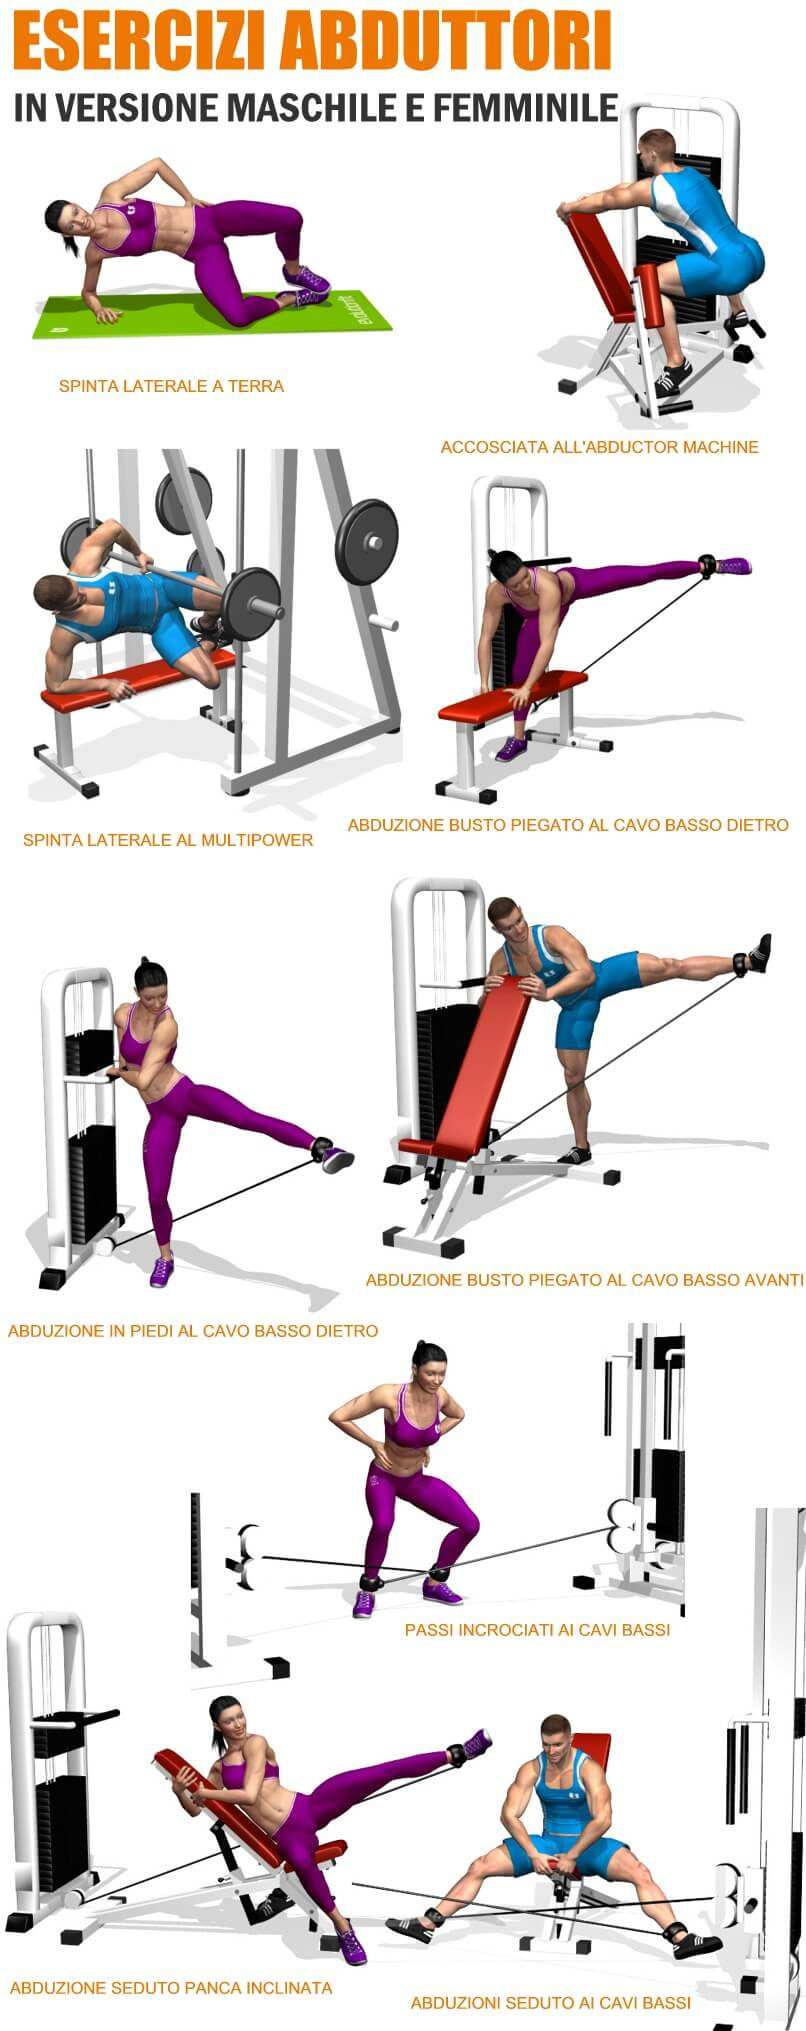 nuovi-esercizi-abduttori-evolutionfit